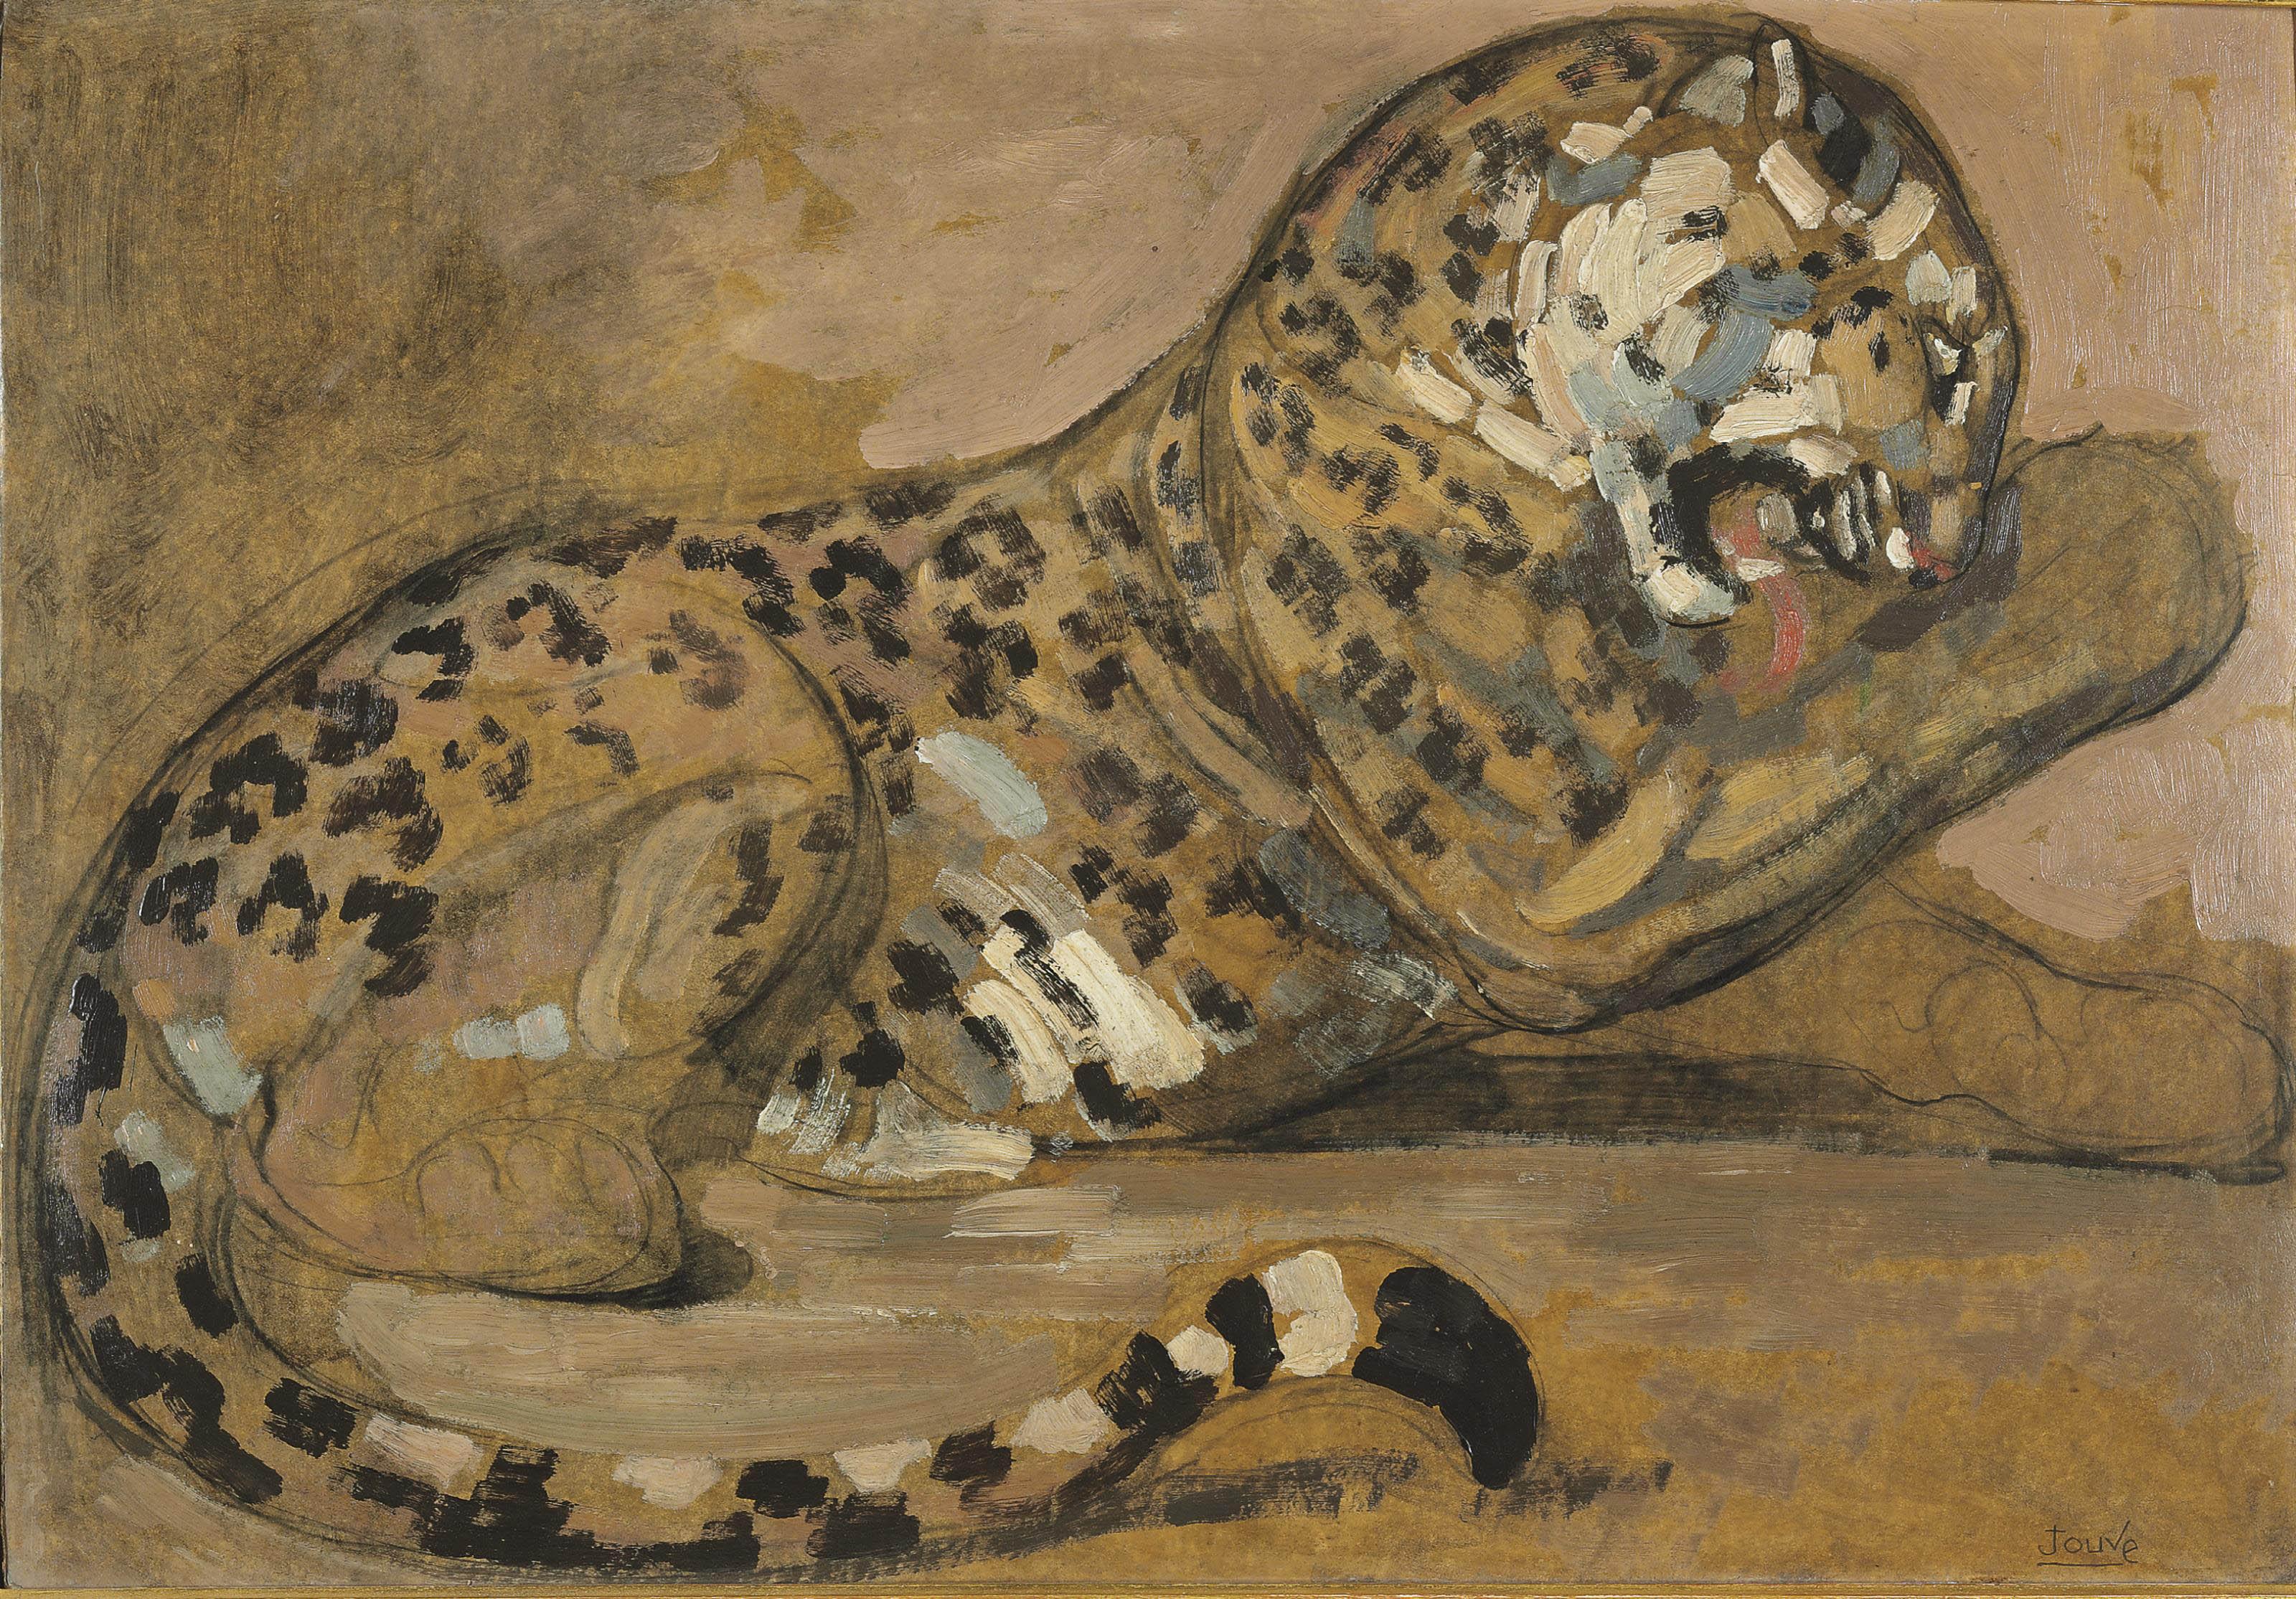 PAUL JOUVE (1880-1973)